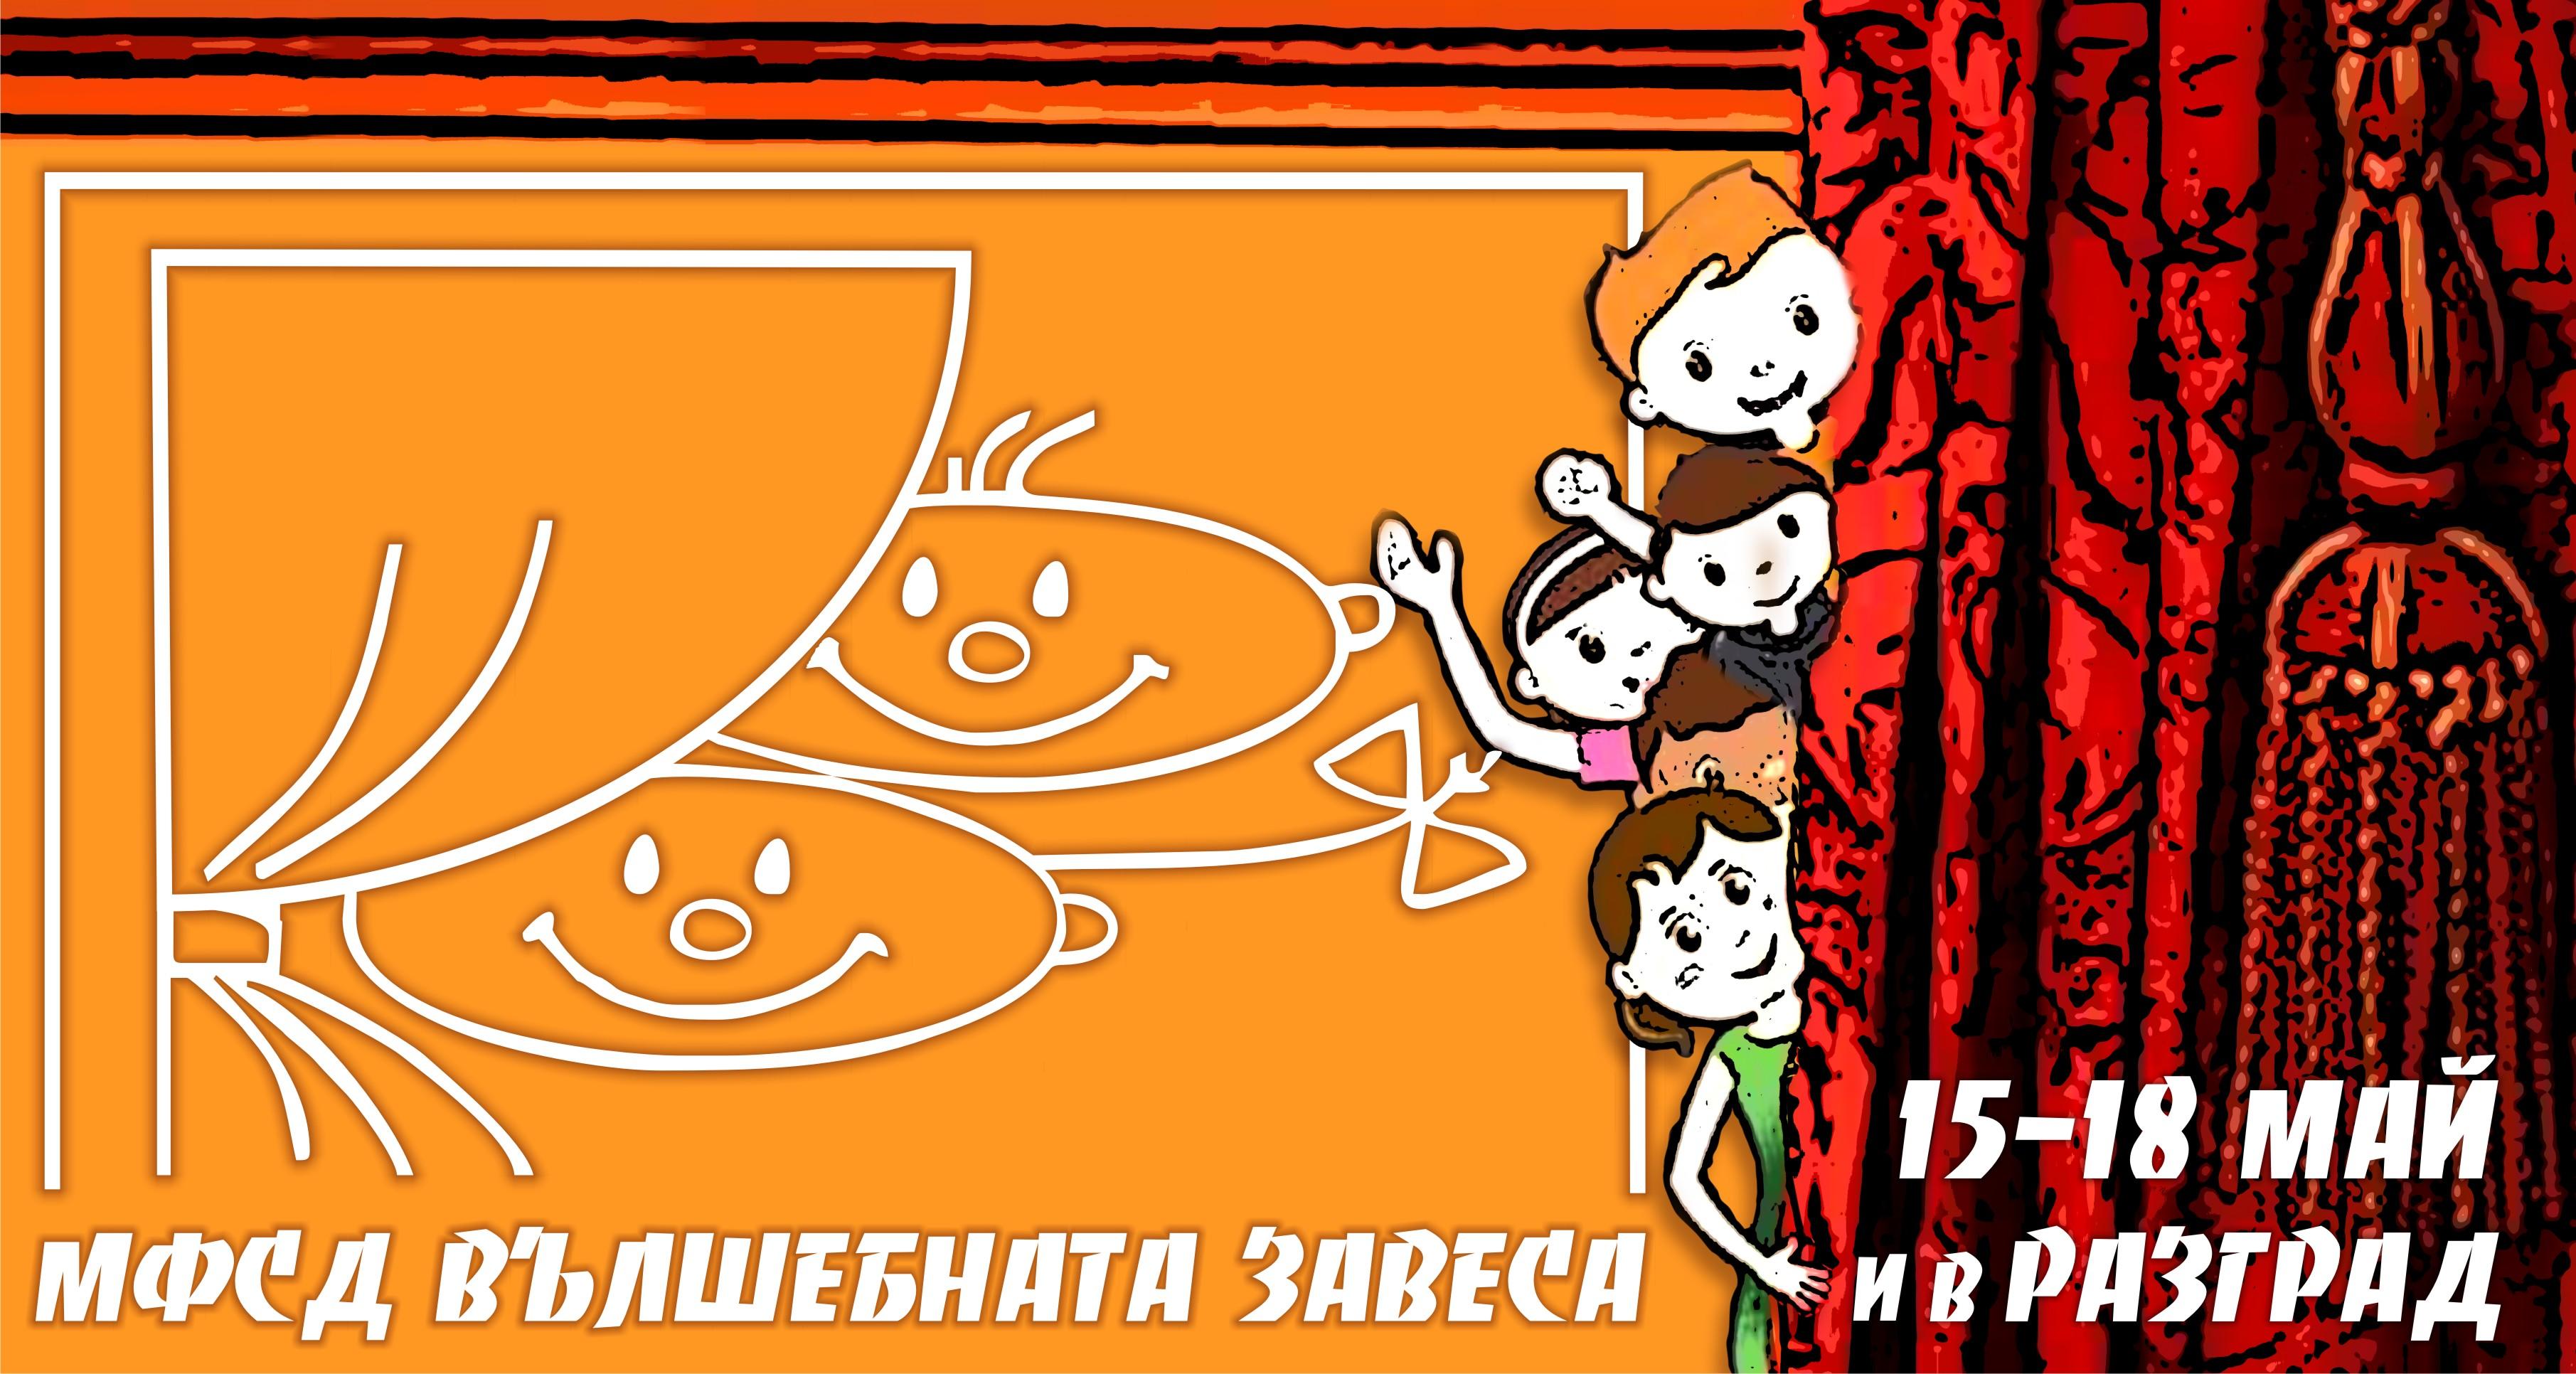 """Международният театрален фестивал """"Вълшебната зав� ..."""